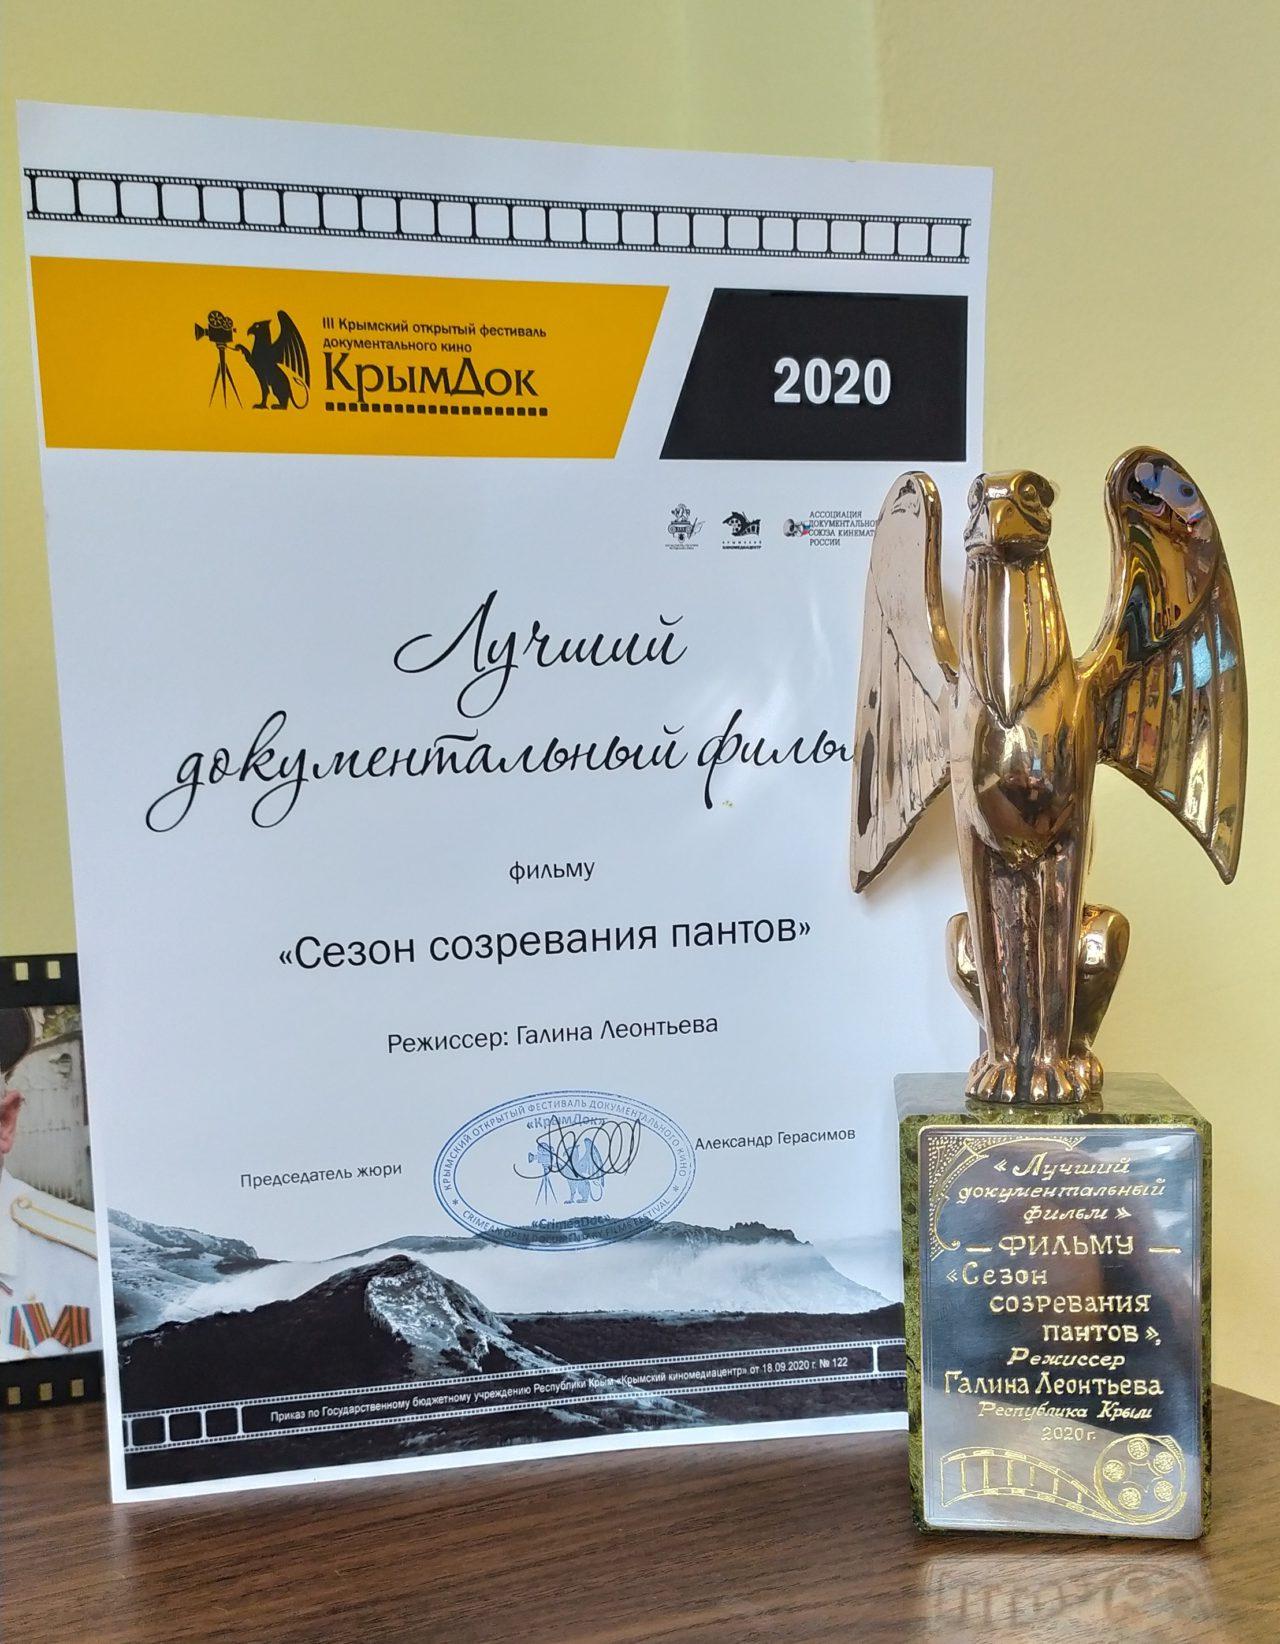 Победители III-го Крымского открытого фестиваля документального кино «КрымДок»